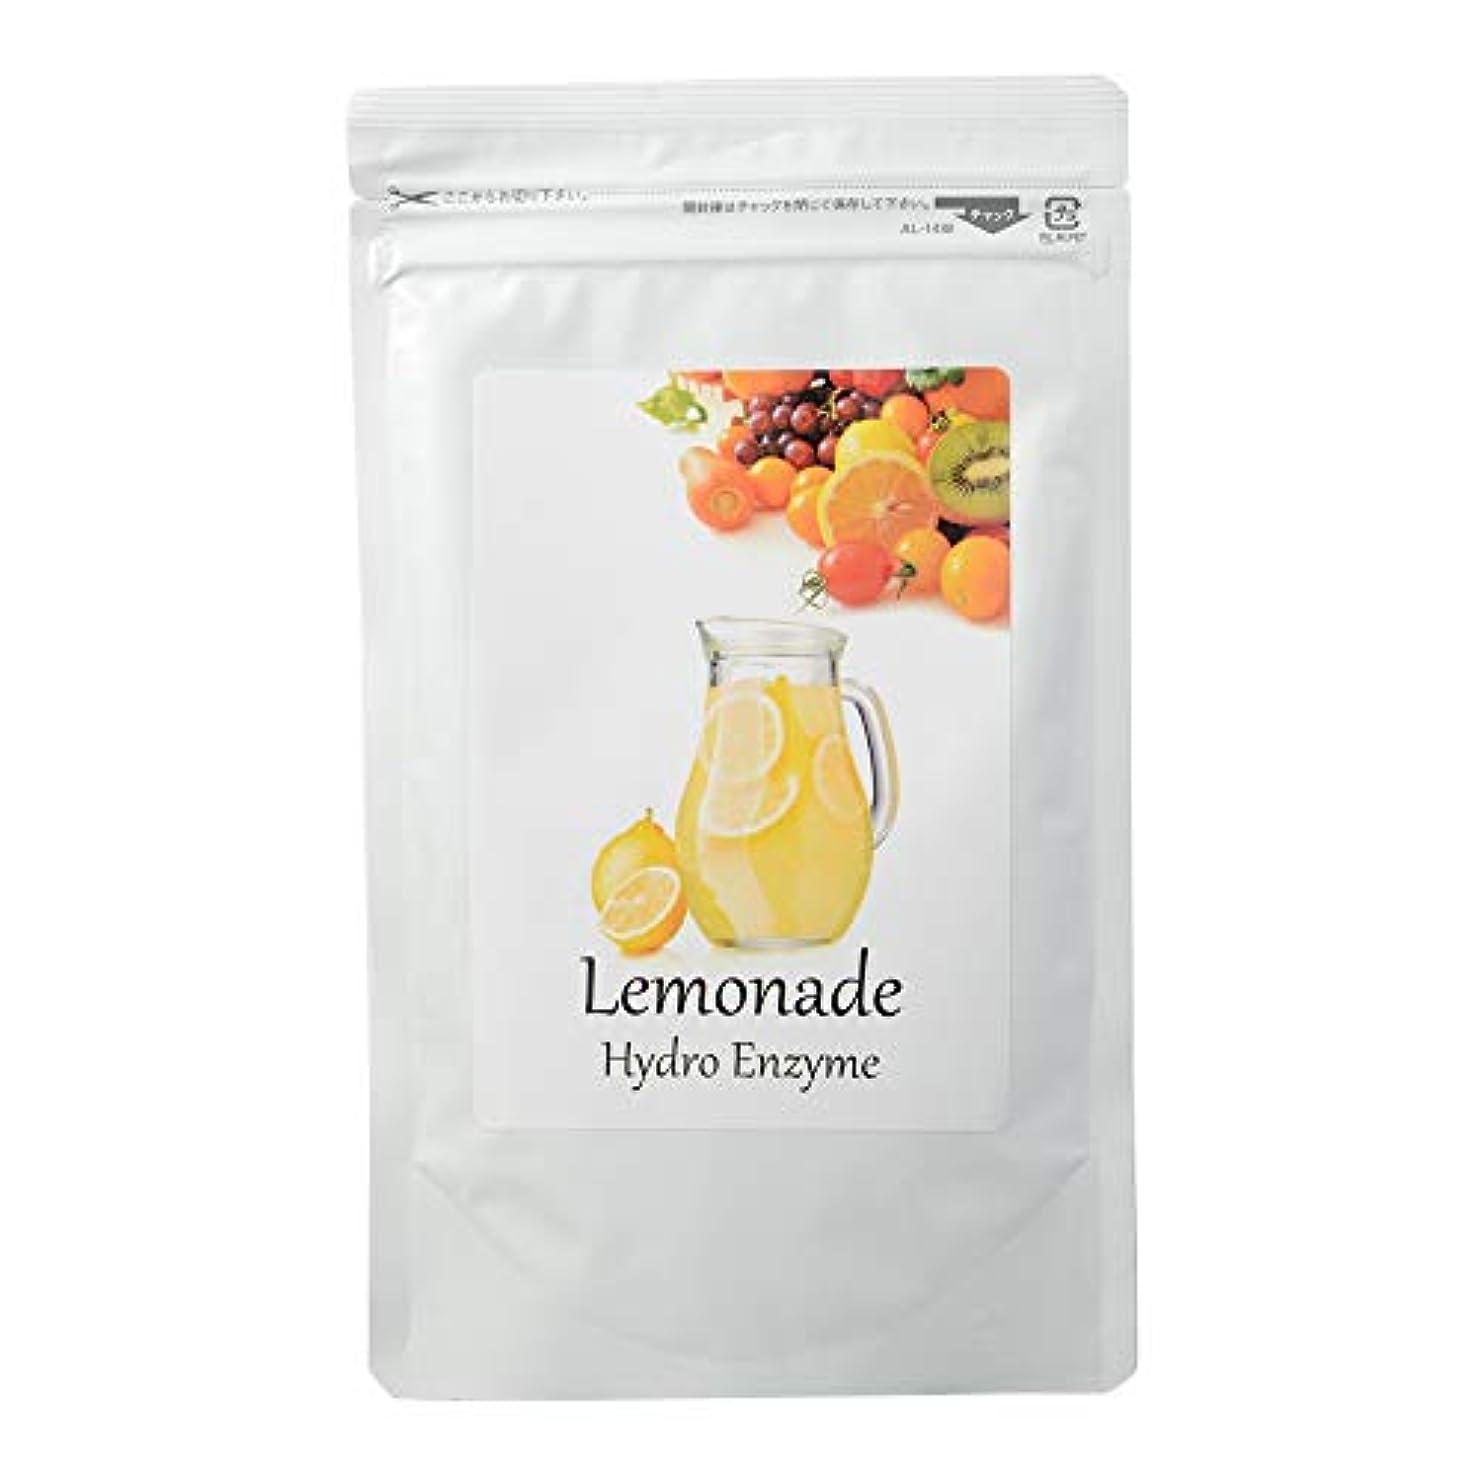 挨拶スリットタイヤLemonade Hydro Enzyme (ダイエット ドリンク) レモネード 水素エンザイムダイエット 健康飲料 専用スプーン付 [内容量150g /説明書付き]